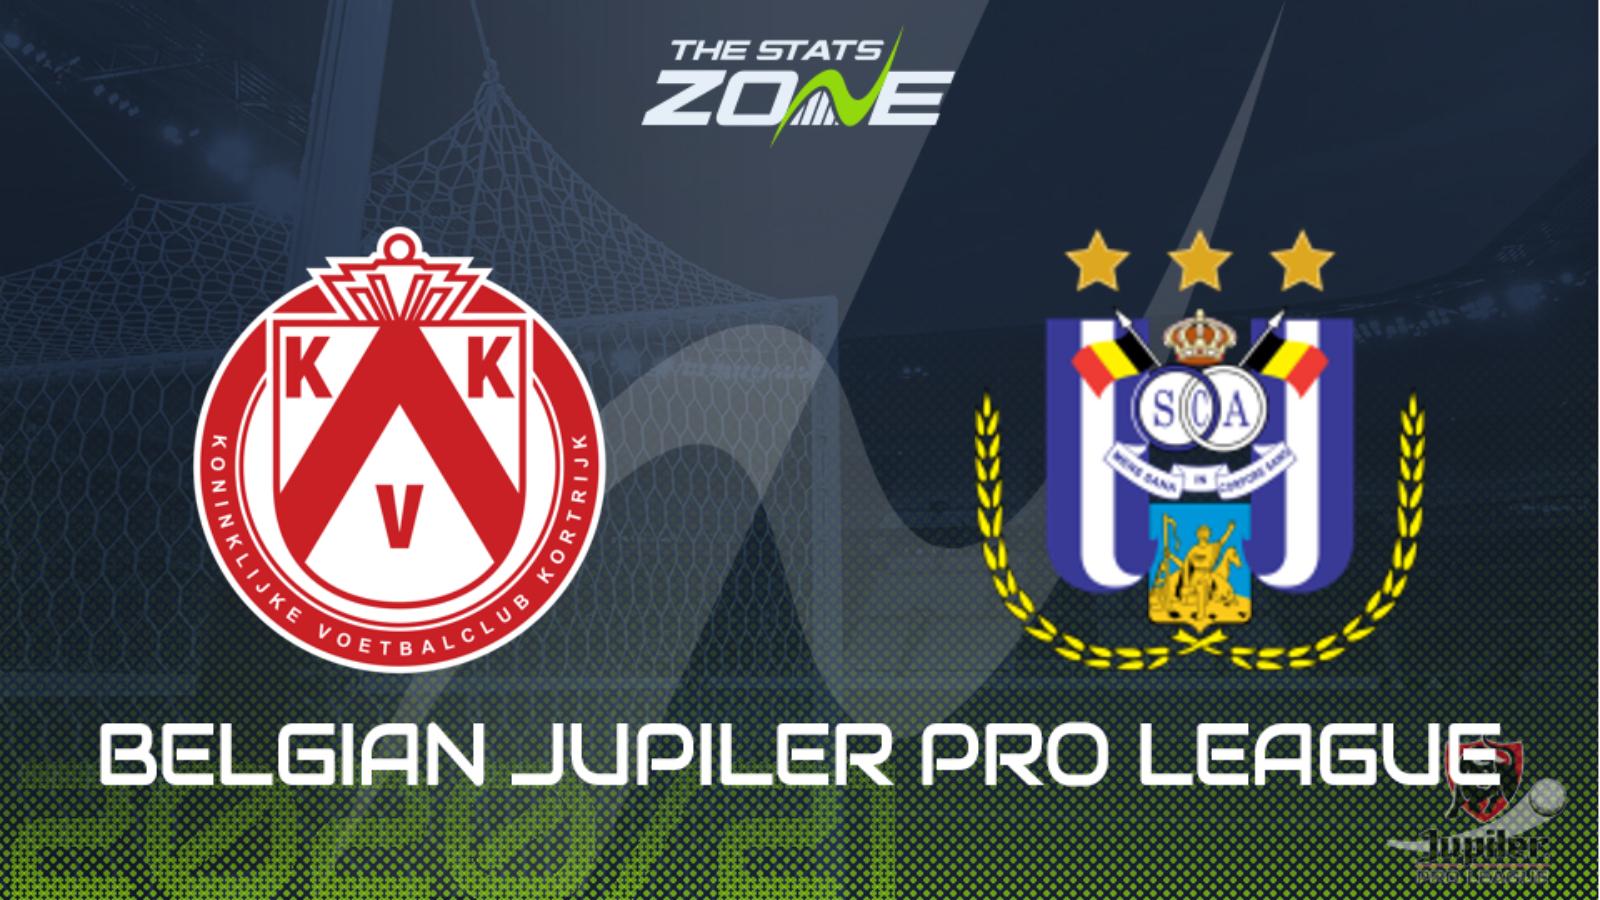 2020-21 Belgian Jupiler Pro League – Kortrijk vs Anderlecht Preview &  Prediction - The Stats Zone